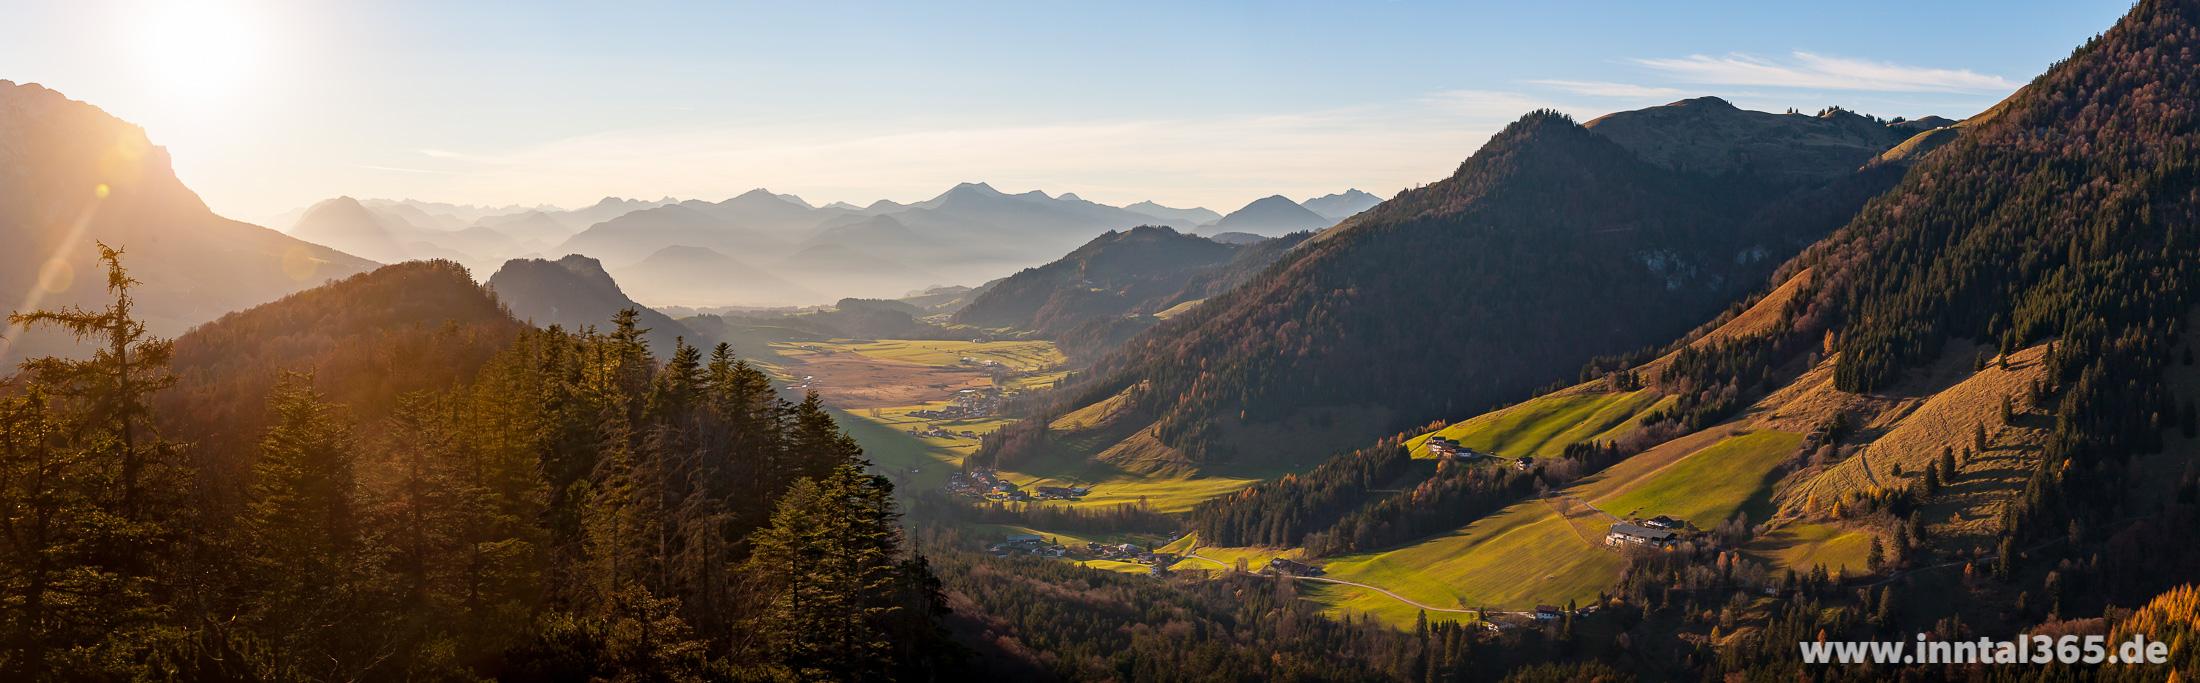 10.11.2015 - Panoramablick von der Harauer Spitze